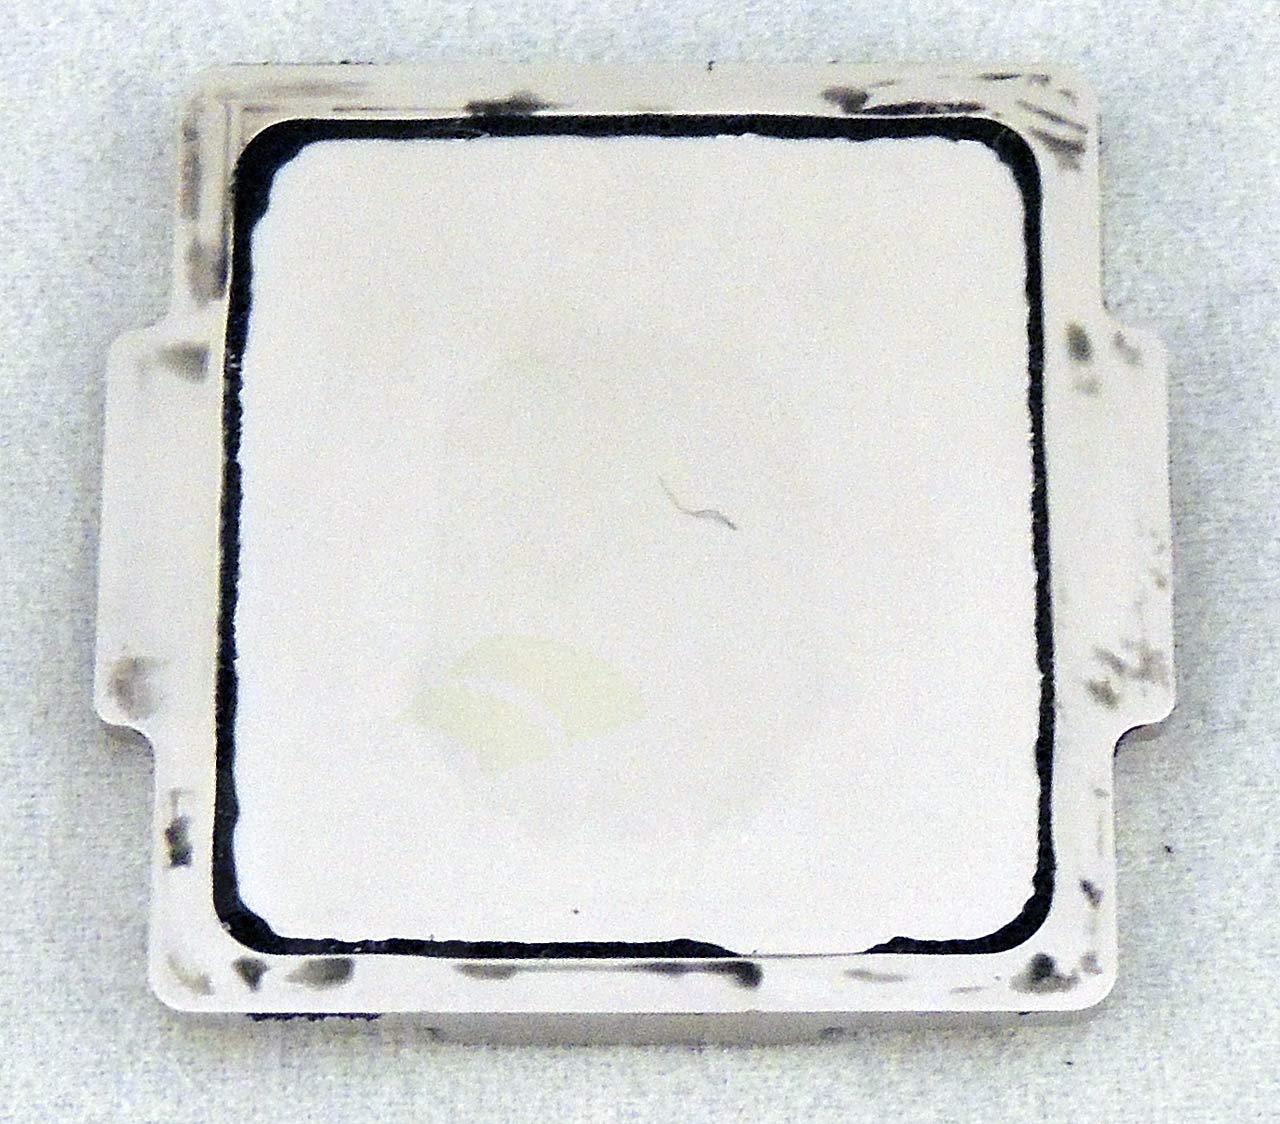 06-cpu-top-inside-prepped.jpg